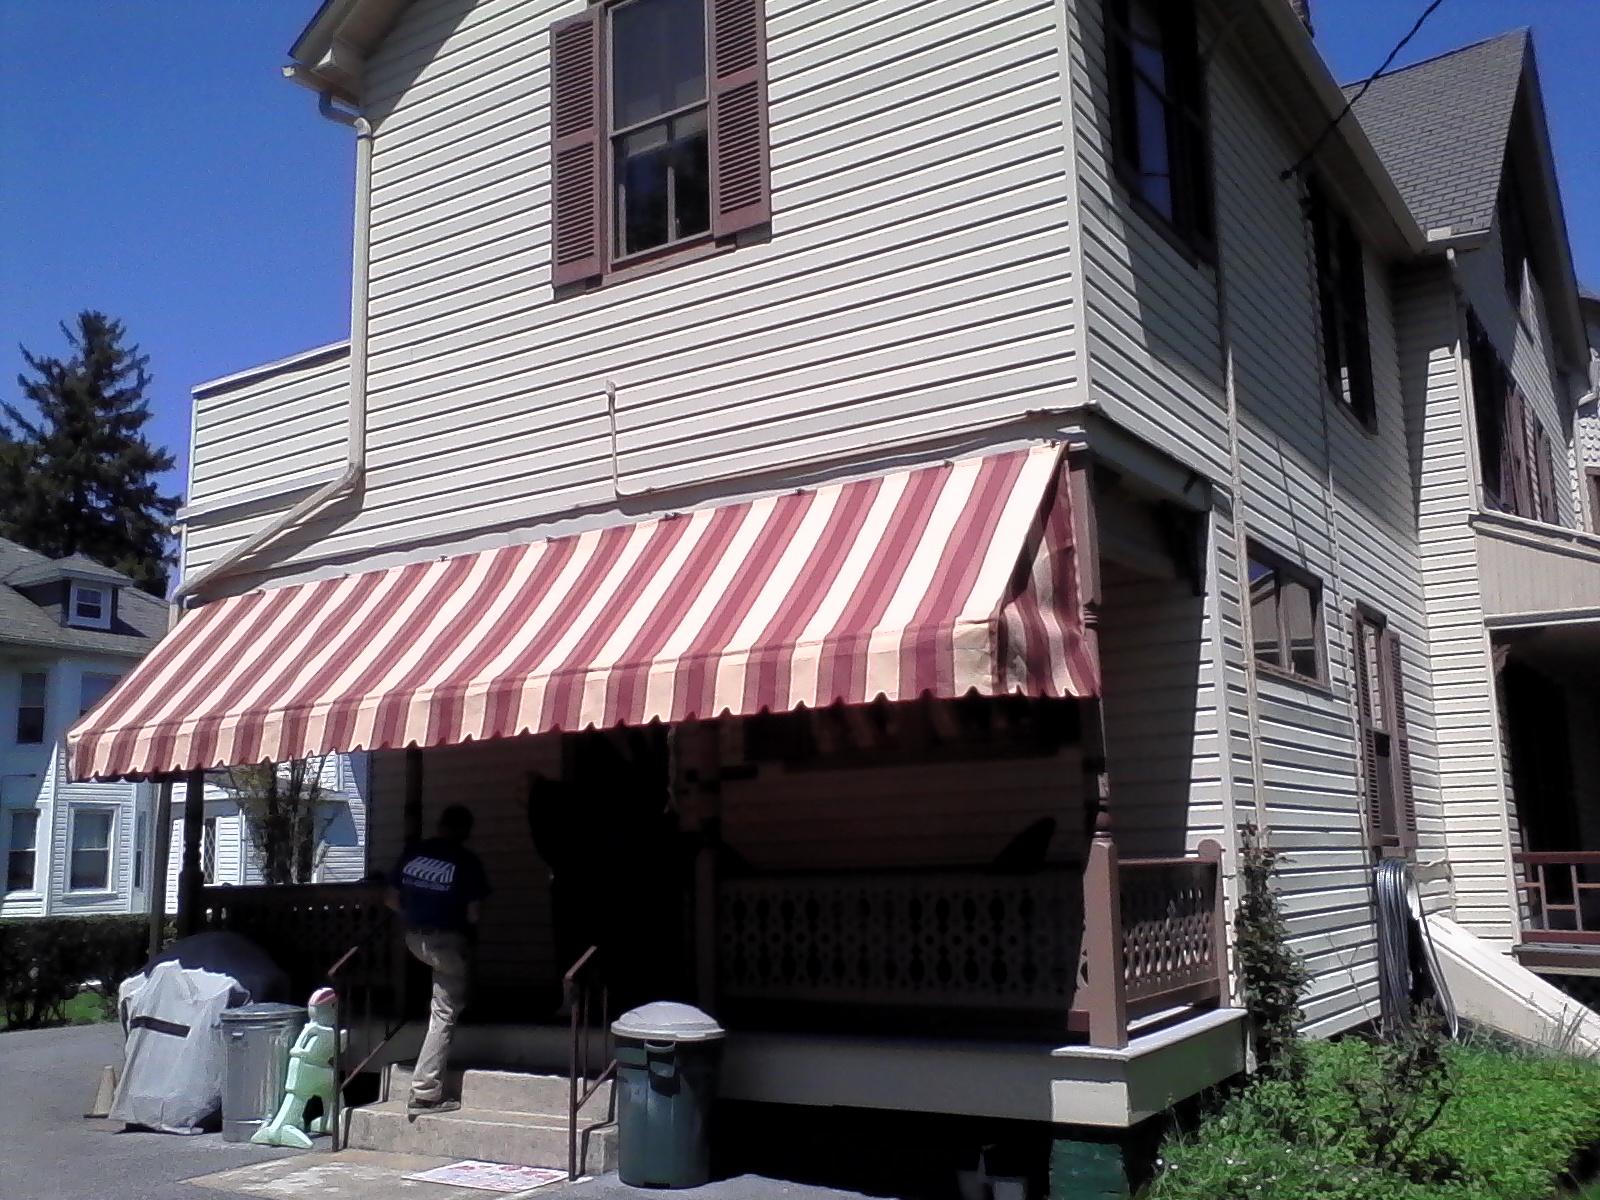 Porch-Residential Awning-Baltimore